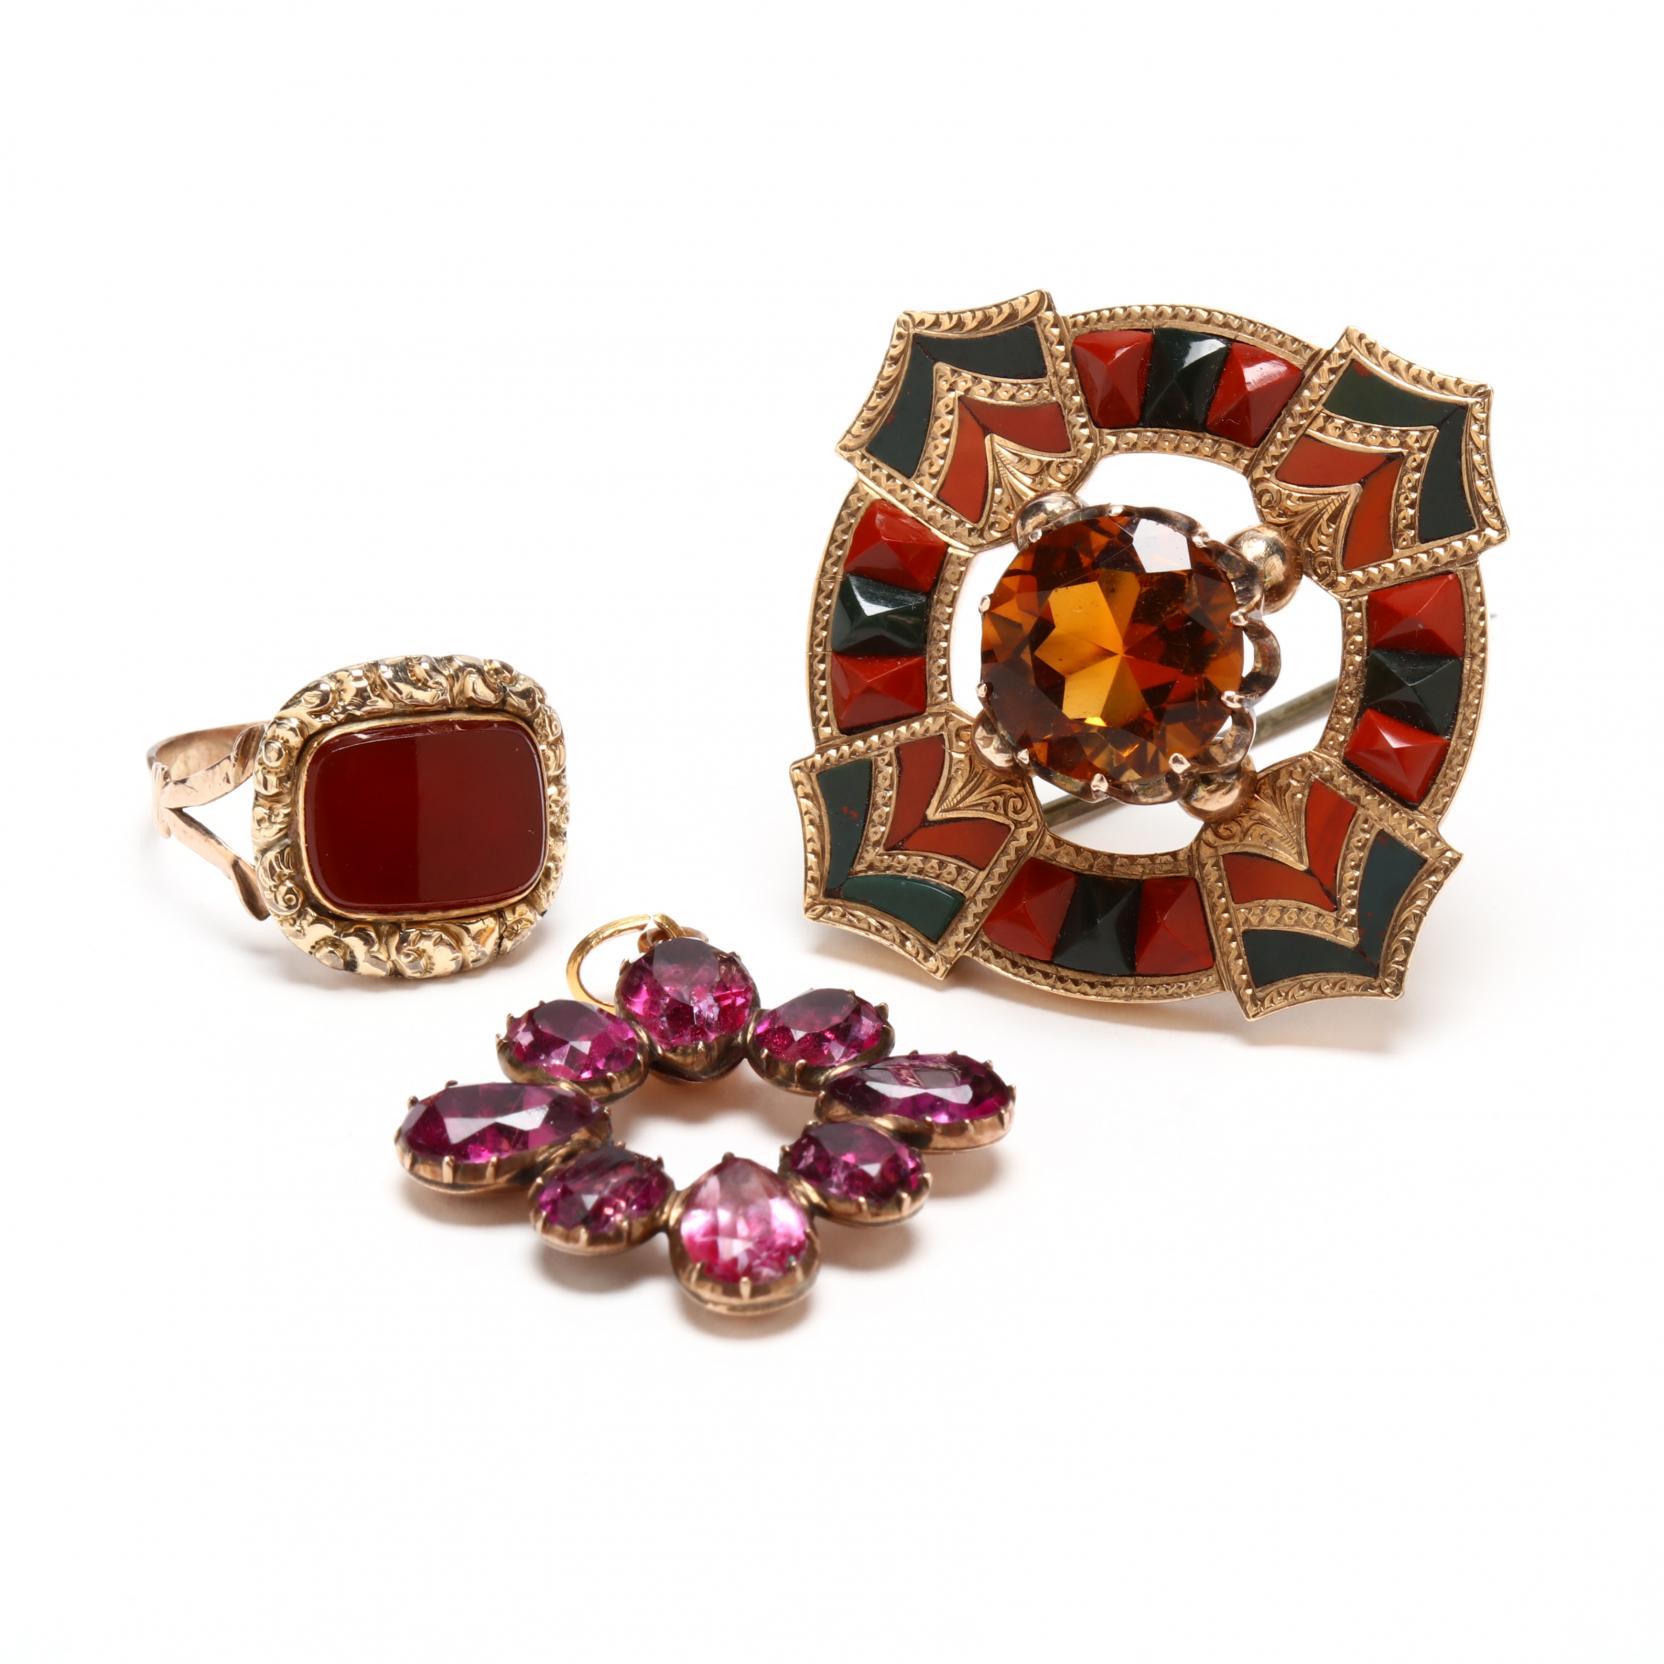 three-pieces-antique-jewelry